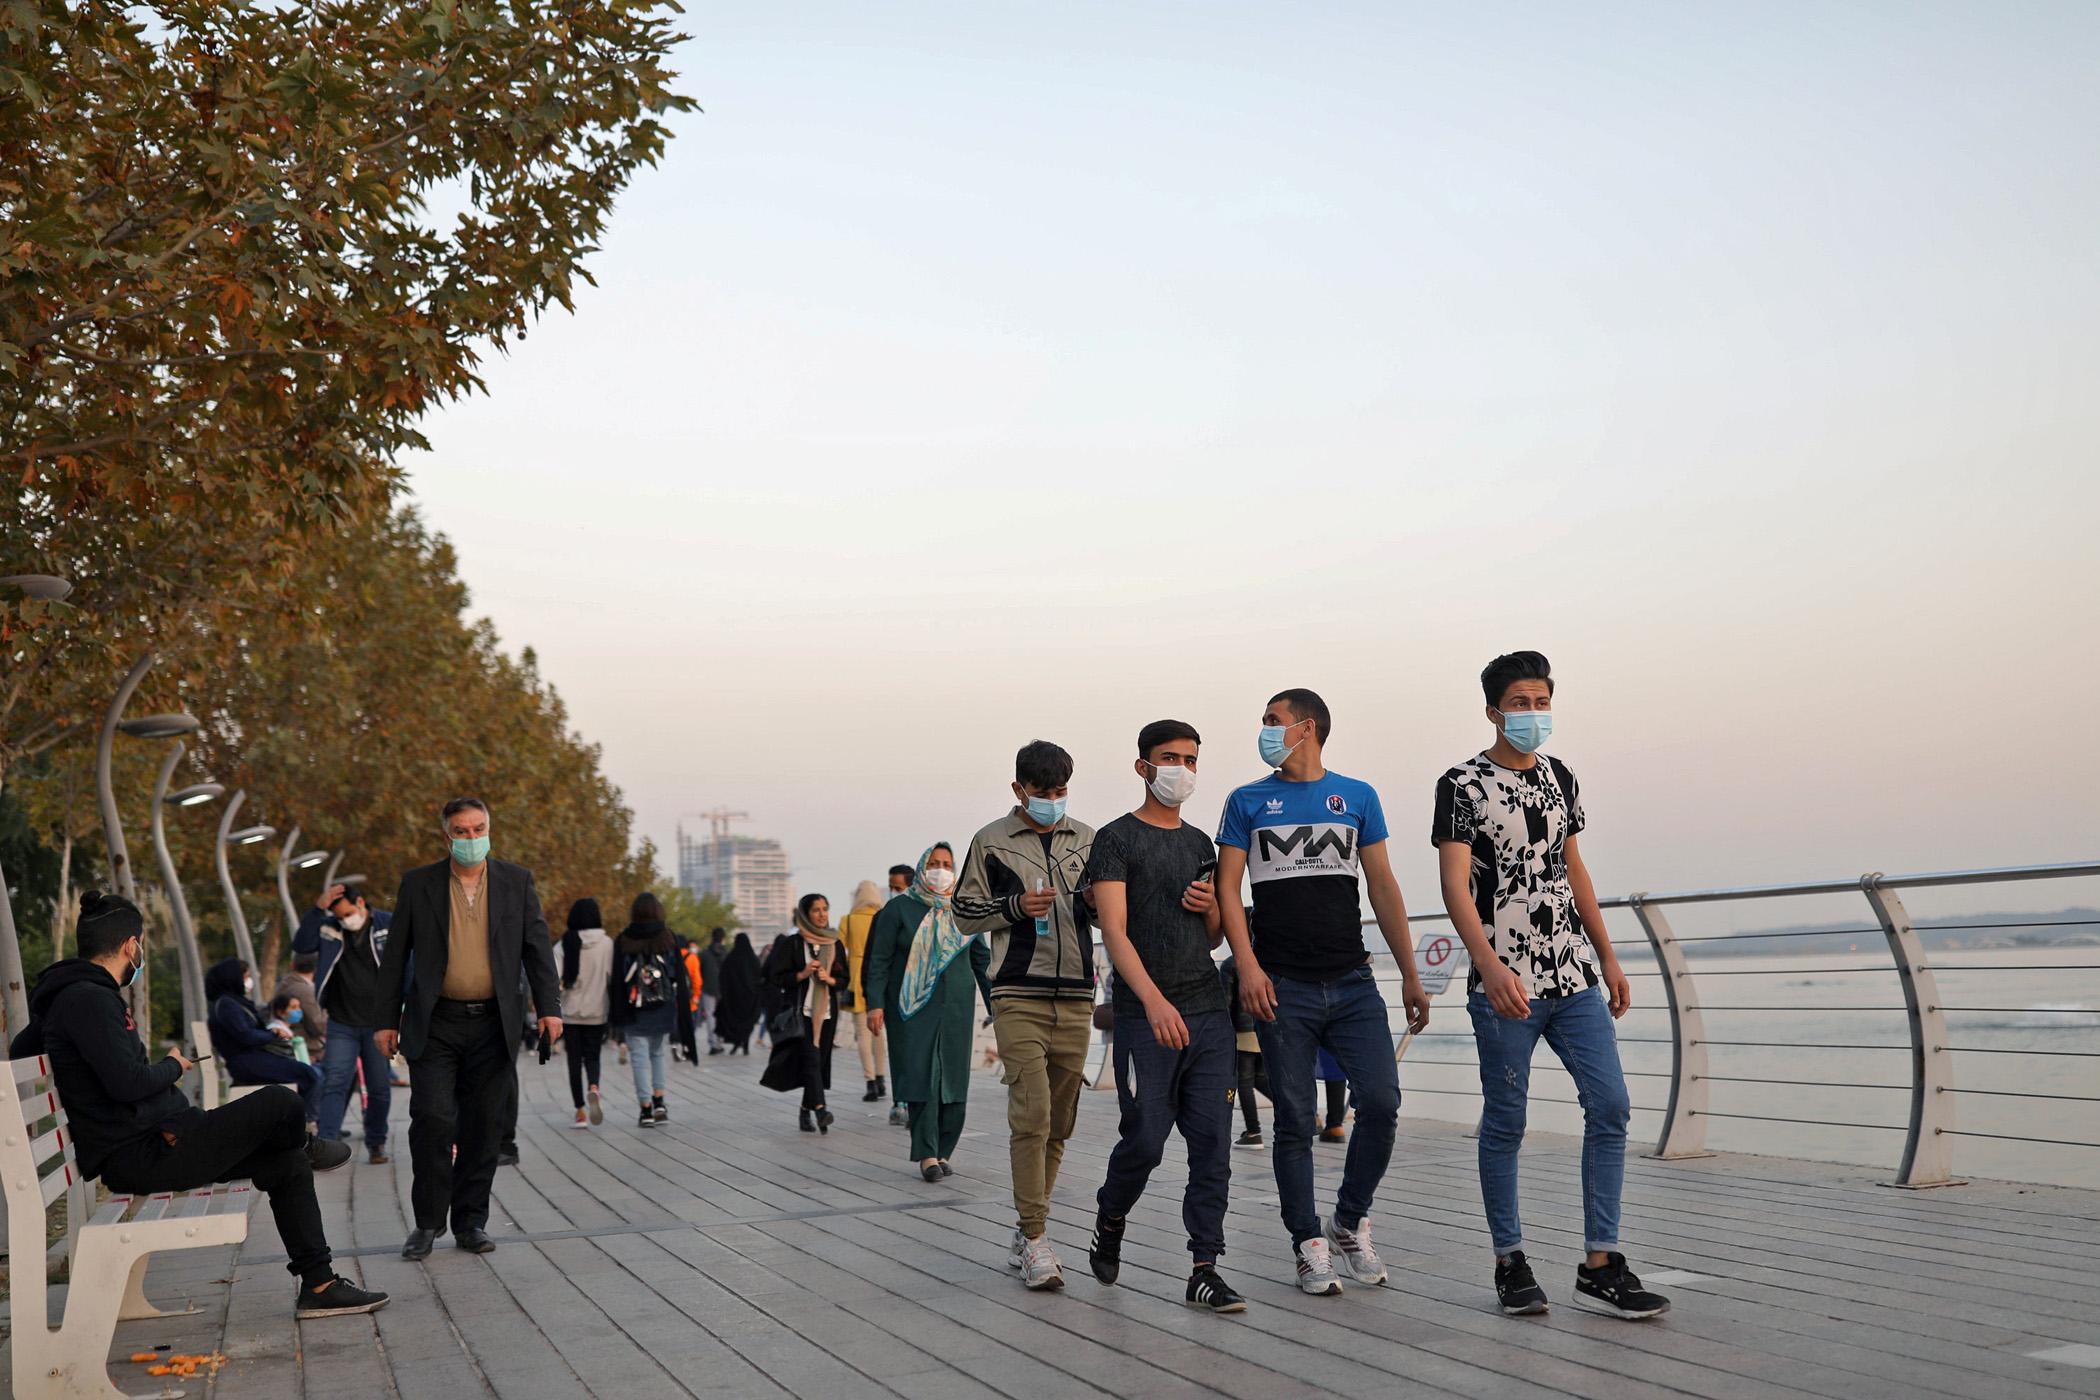 Κορονοϊός: Ρεκόρ κρουσμάτων και νέοι περιορισμοί στο Ιράν